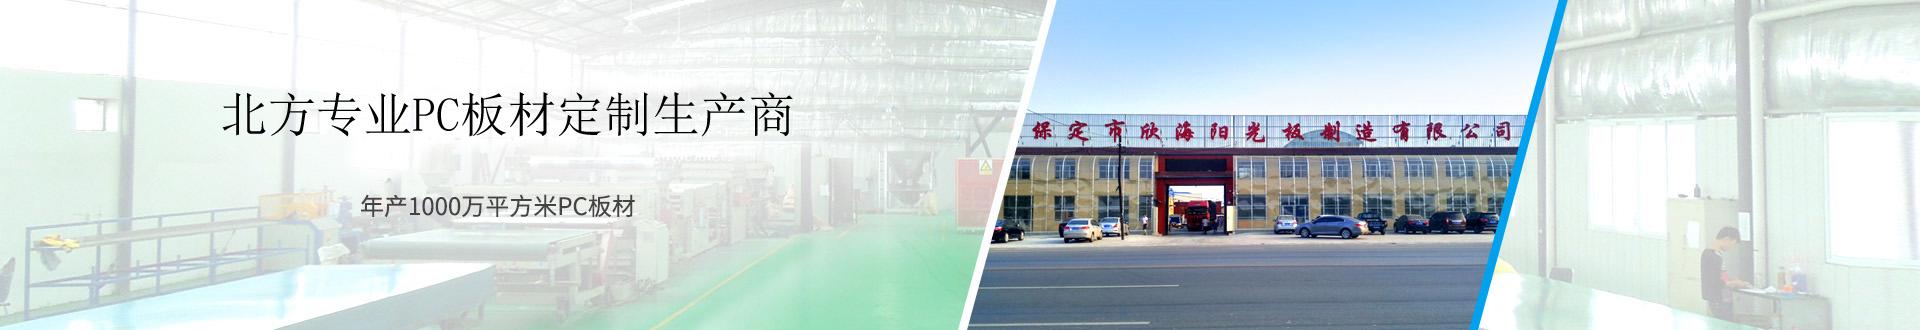 欣海阳光板年产1000万平方米PC板材